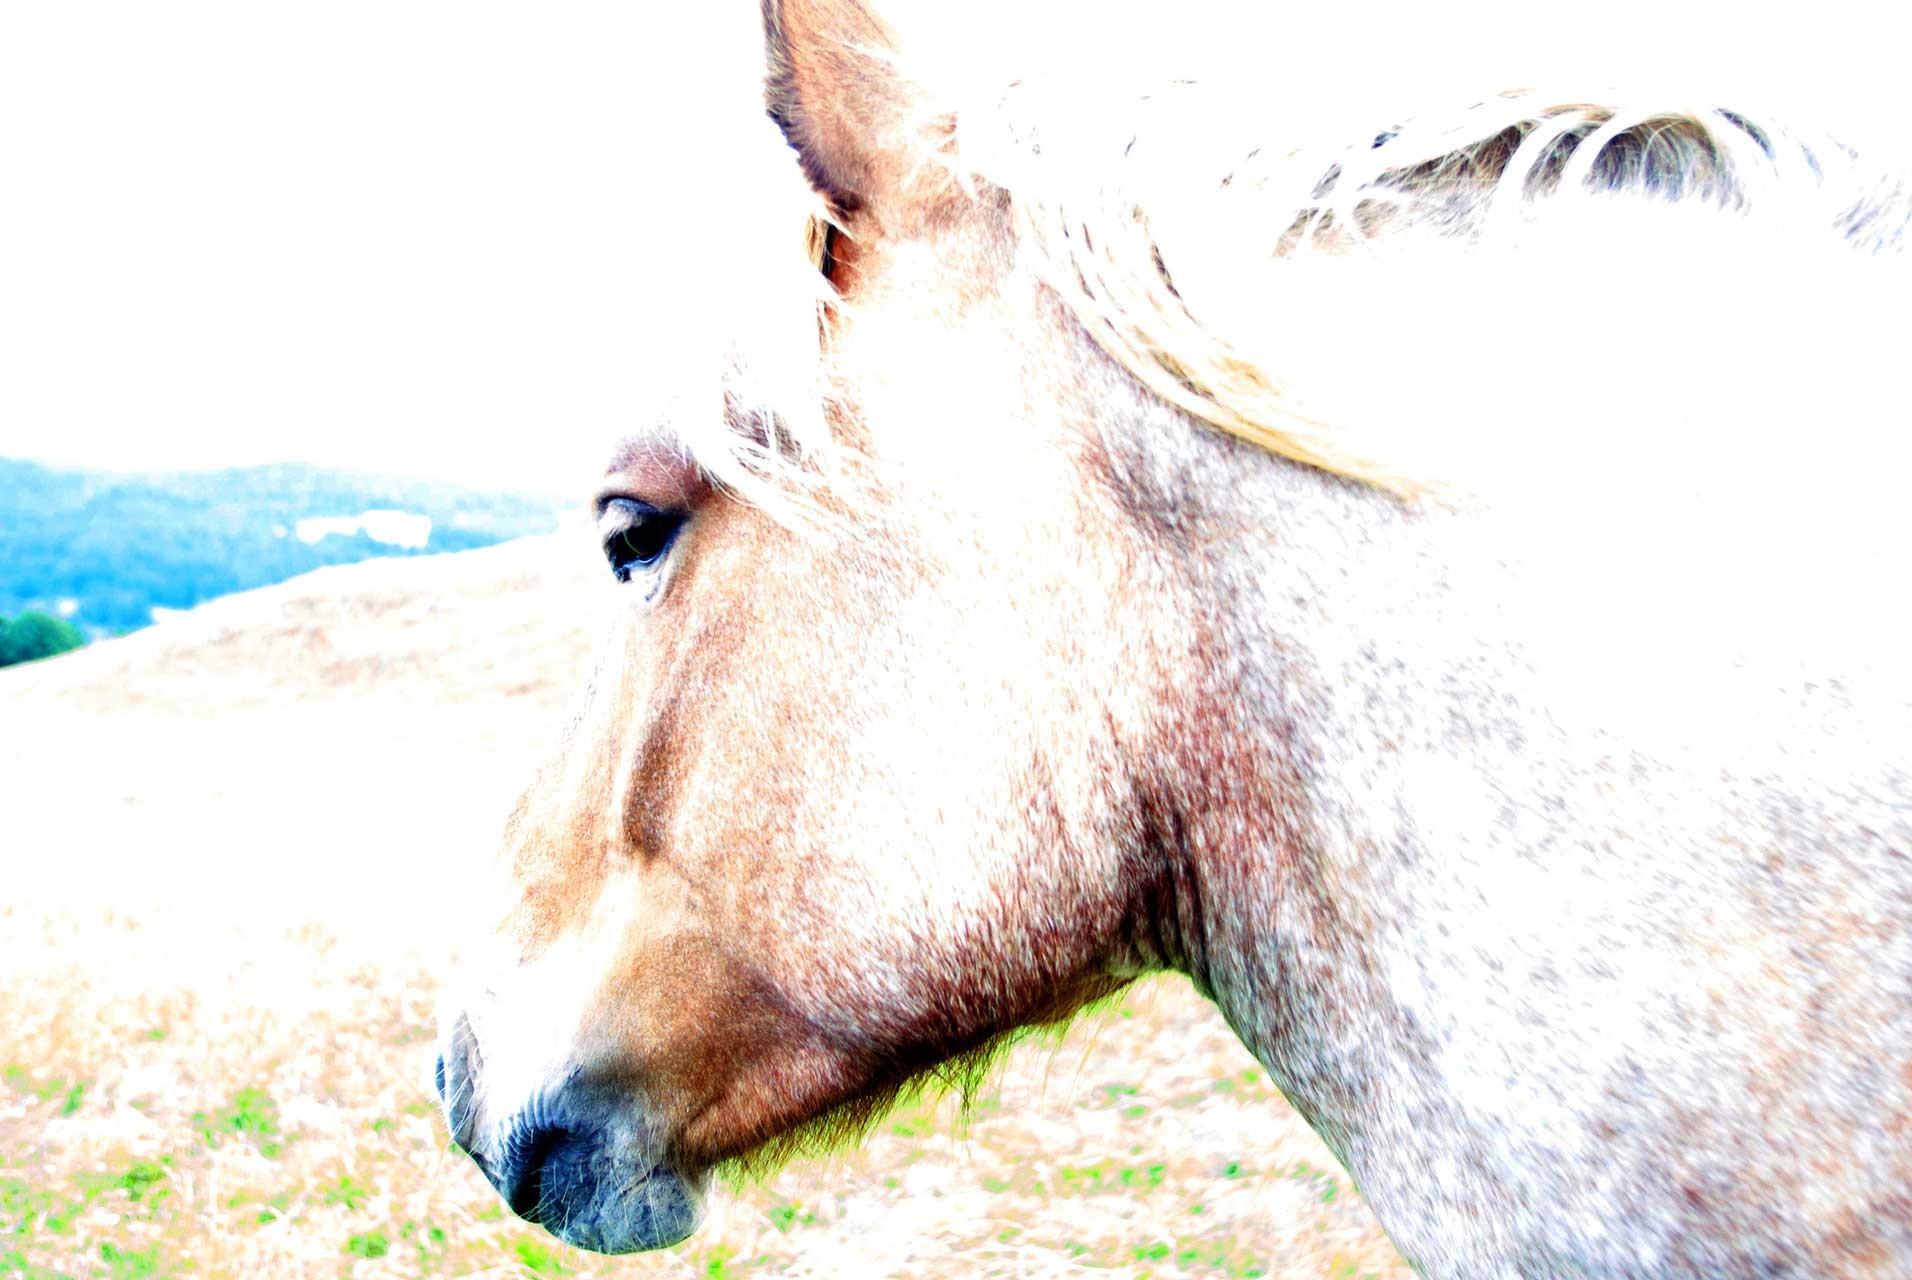 Laure-Maud_photographe_10_chevaux_Vercors_Font-Urle_02